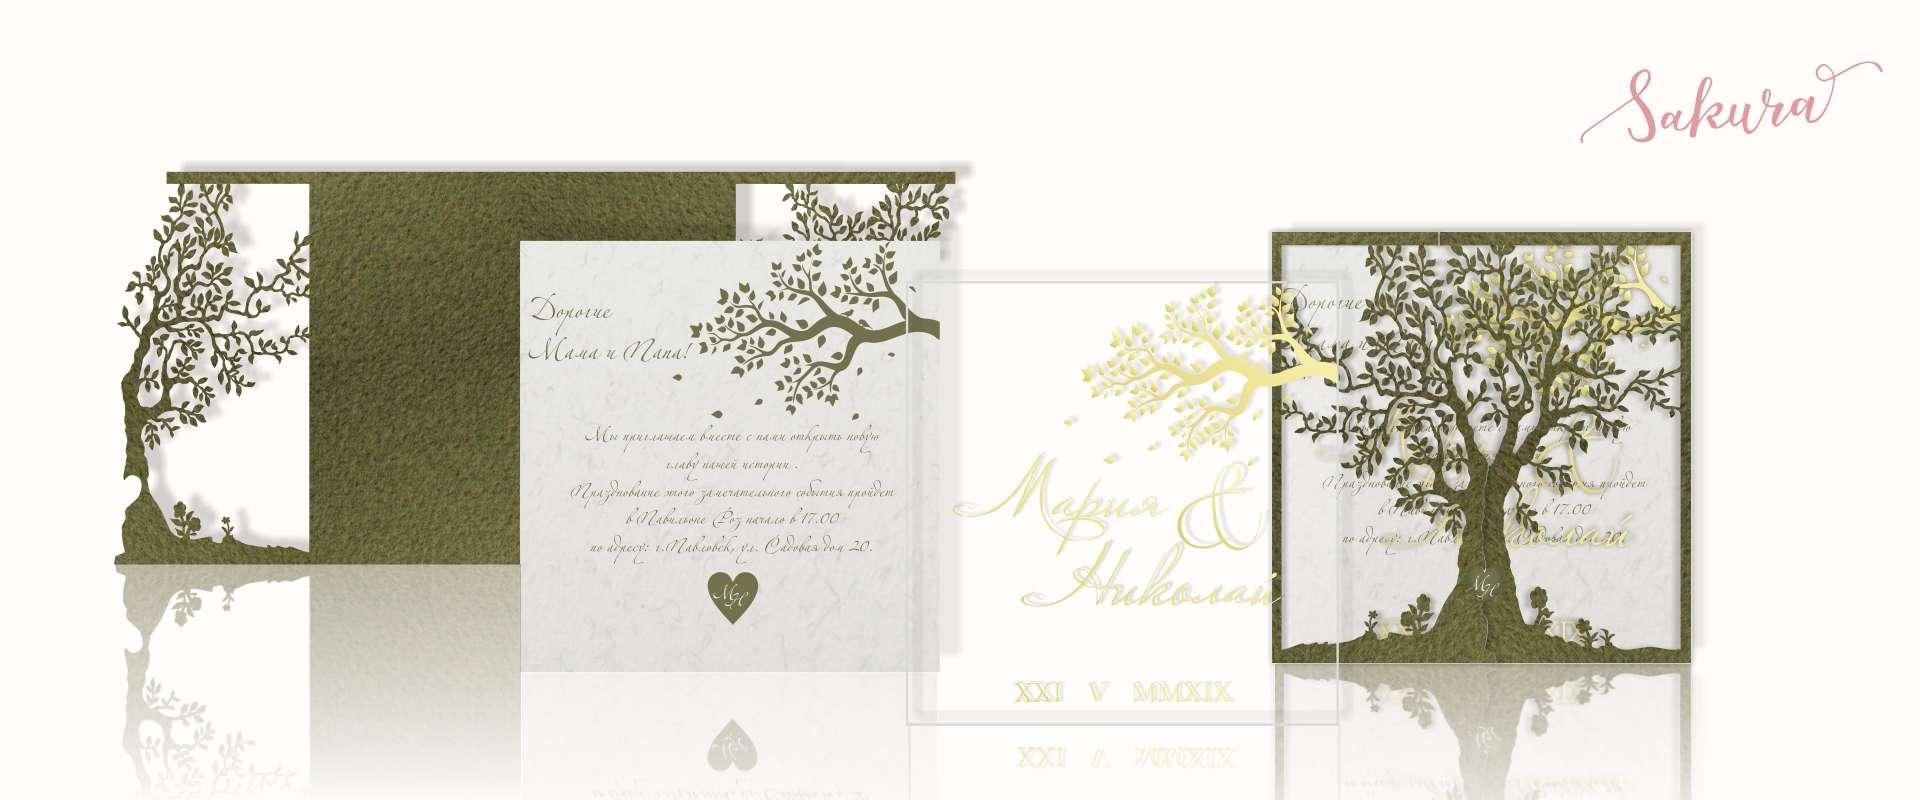 Приглашение на свадьбу в виде резного дерева, внутри 2 вкладыша - дизайнерский картон и стекло с печатью имен. Коробка.